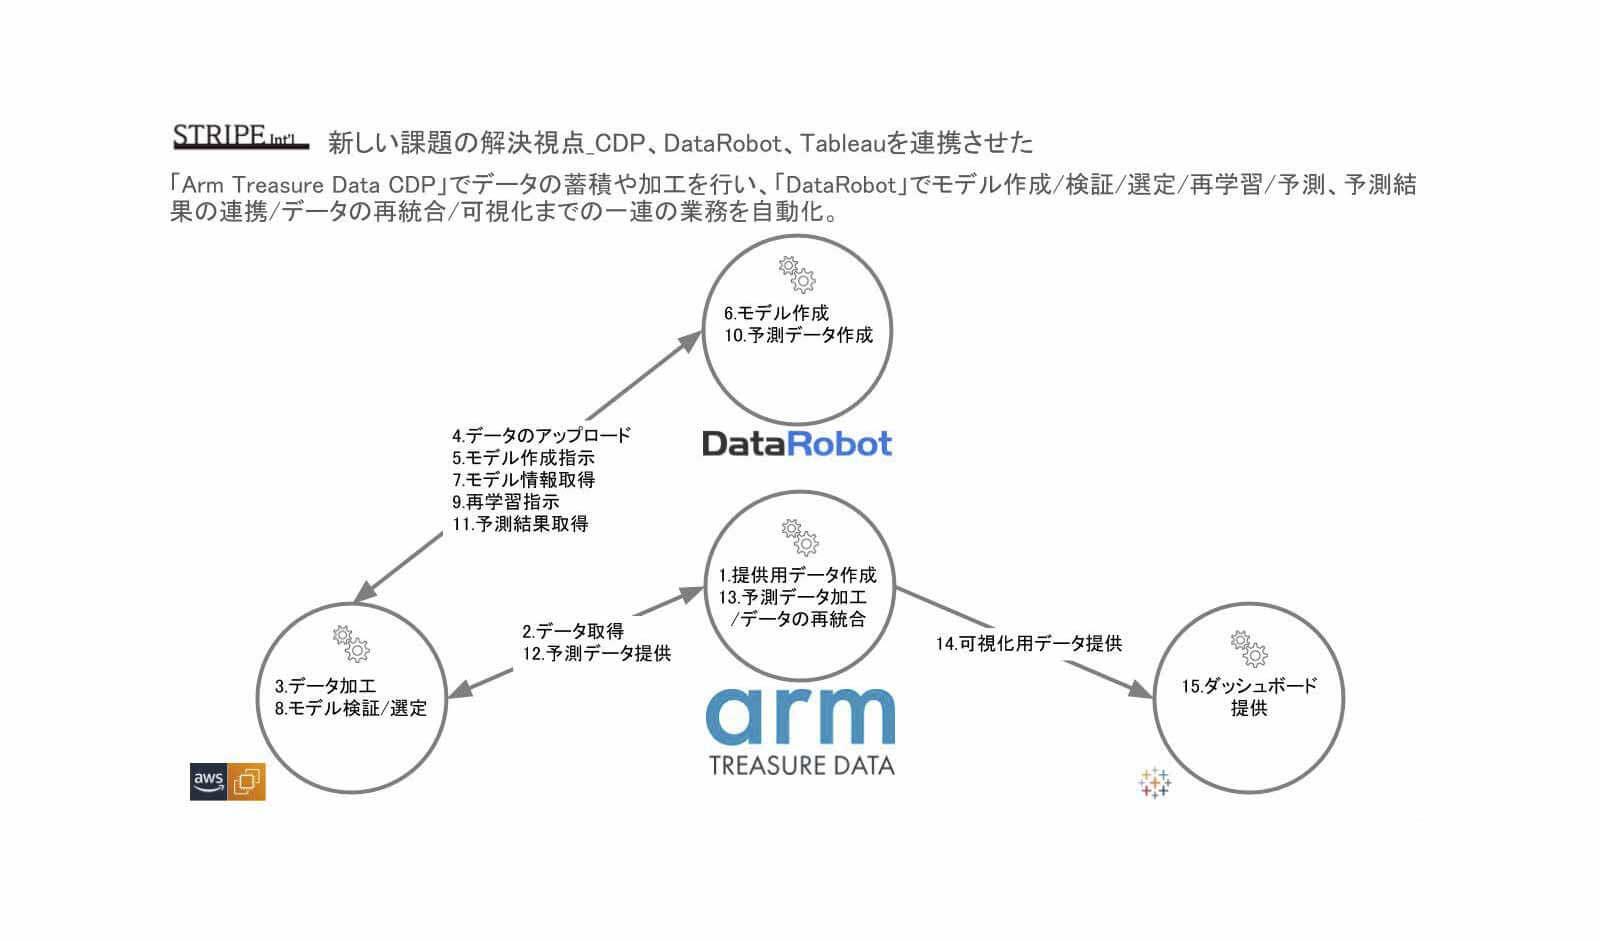 CDP、DataRobot、Tableauの連携